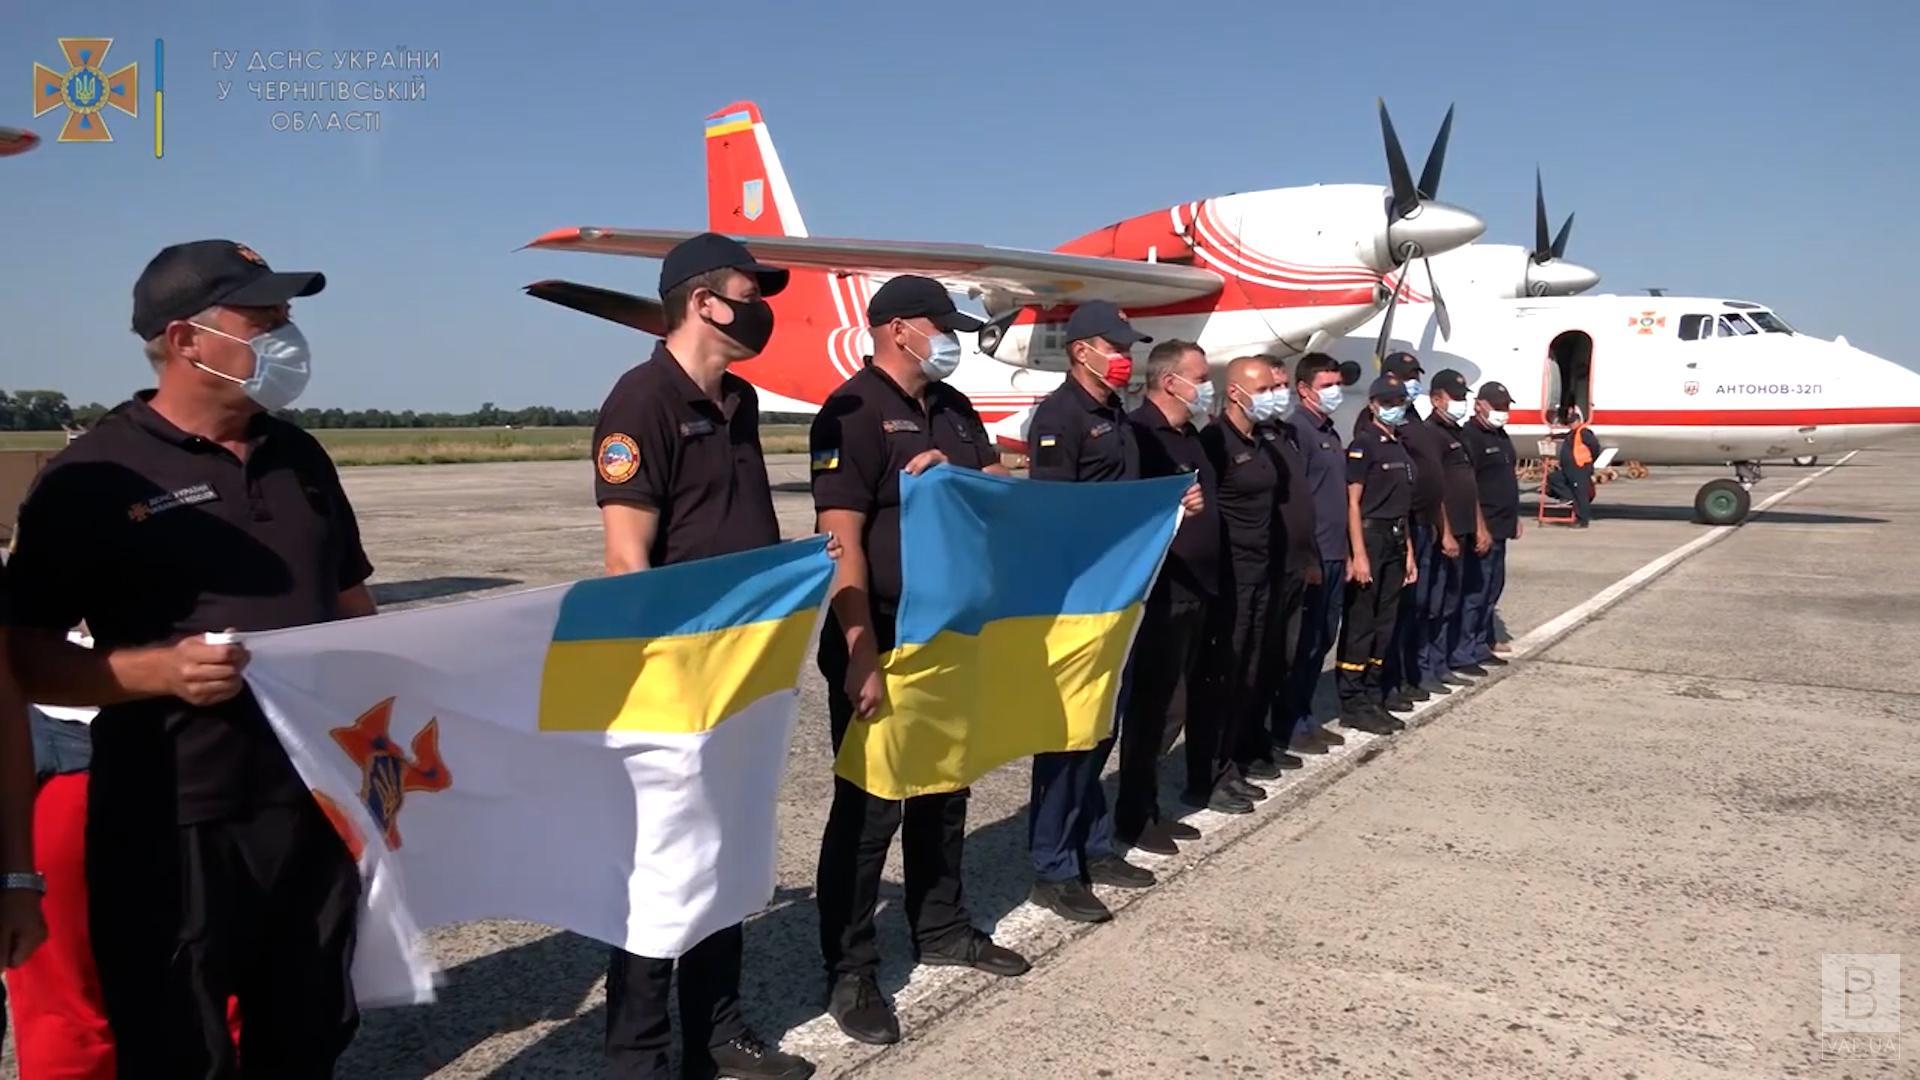 Пекельна Туреччина: рятувальники Чернігівщини два тижні гасили масштабні пожежі ВІДЕО